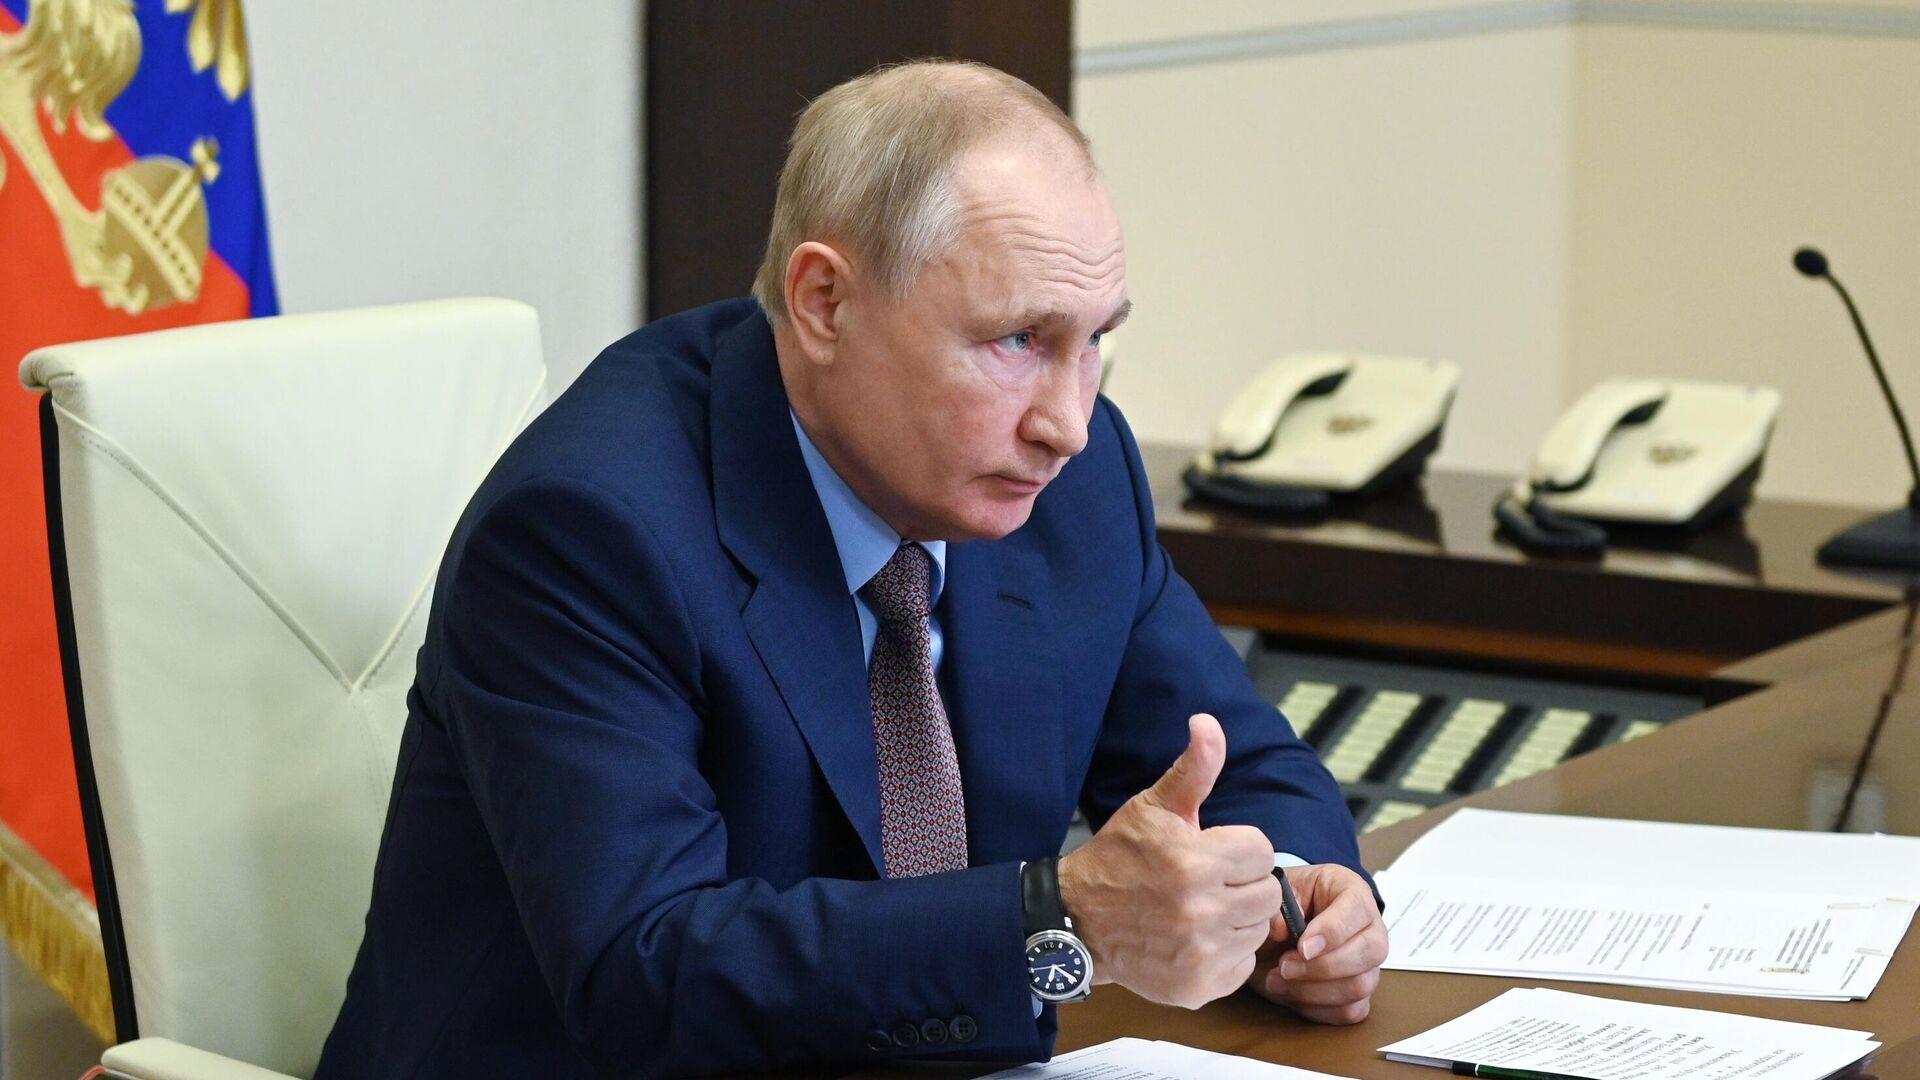 Президент РФ Владимир Путин в режиме видеоконференции принимает участие в церемонии запуска железнодорожного движения по второму Байкальскому тоннелю - РИА Новости, 1920, 28.07.2021